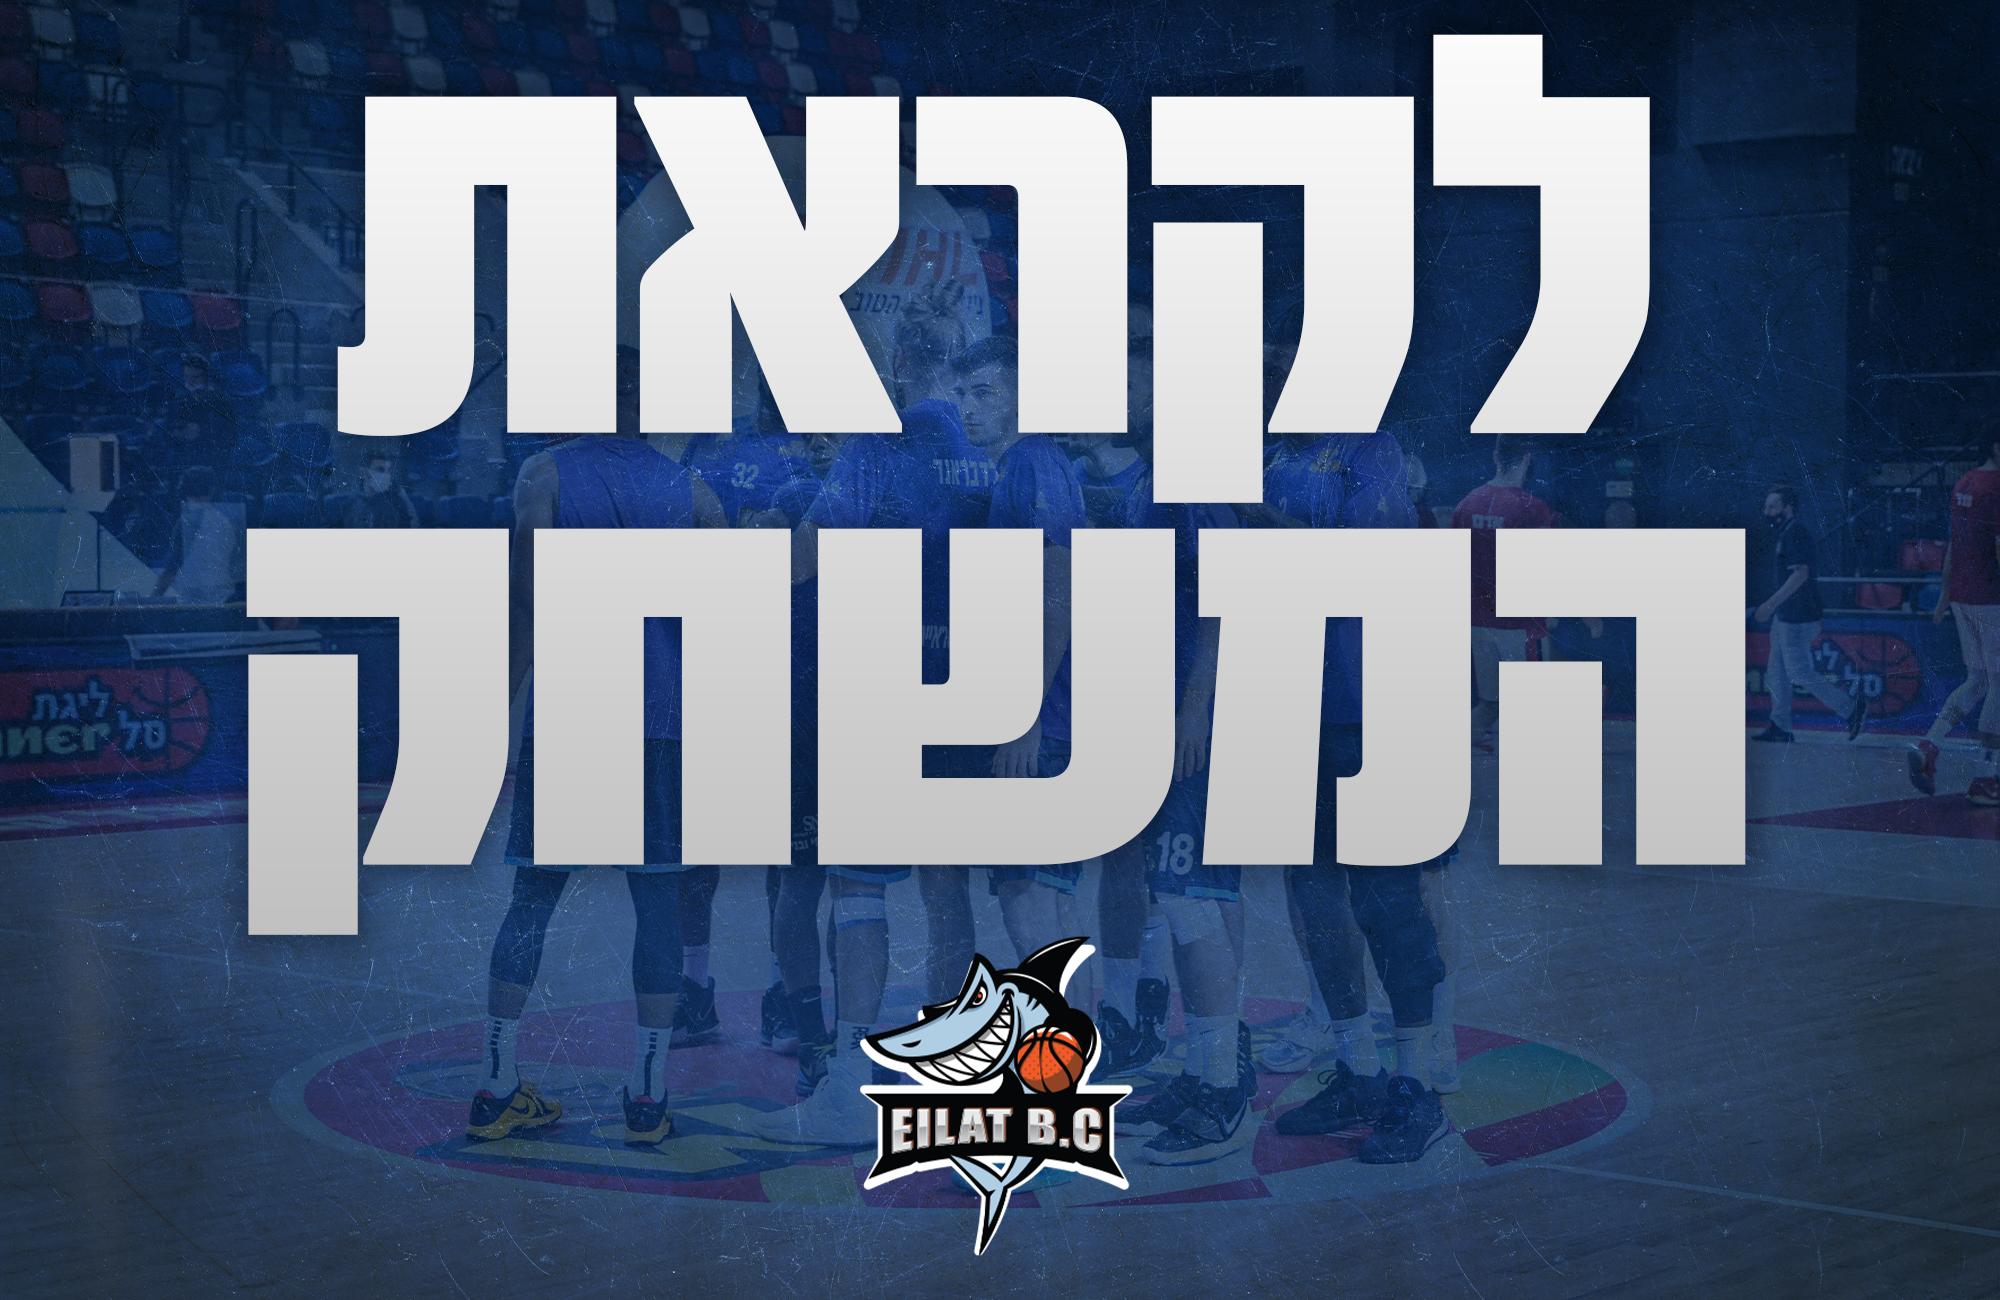 הערב: הפועל חיפה מגיעה לאילת